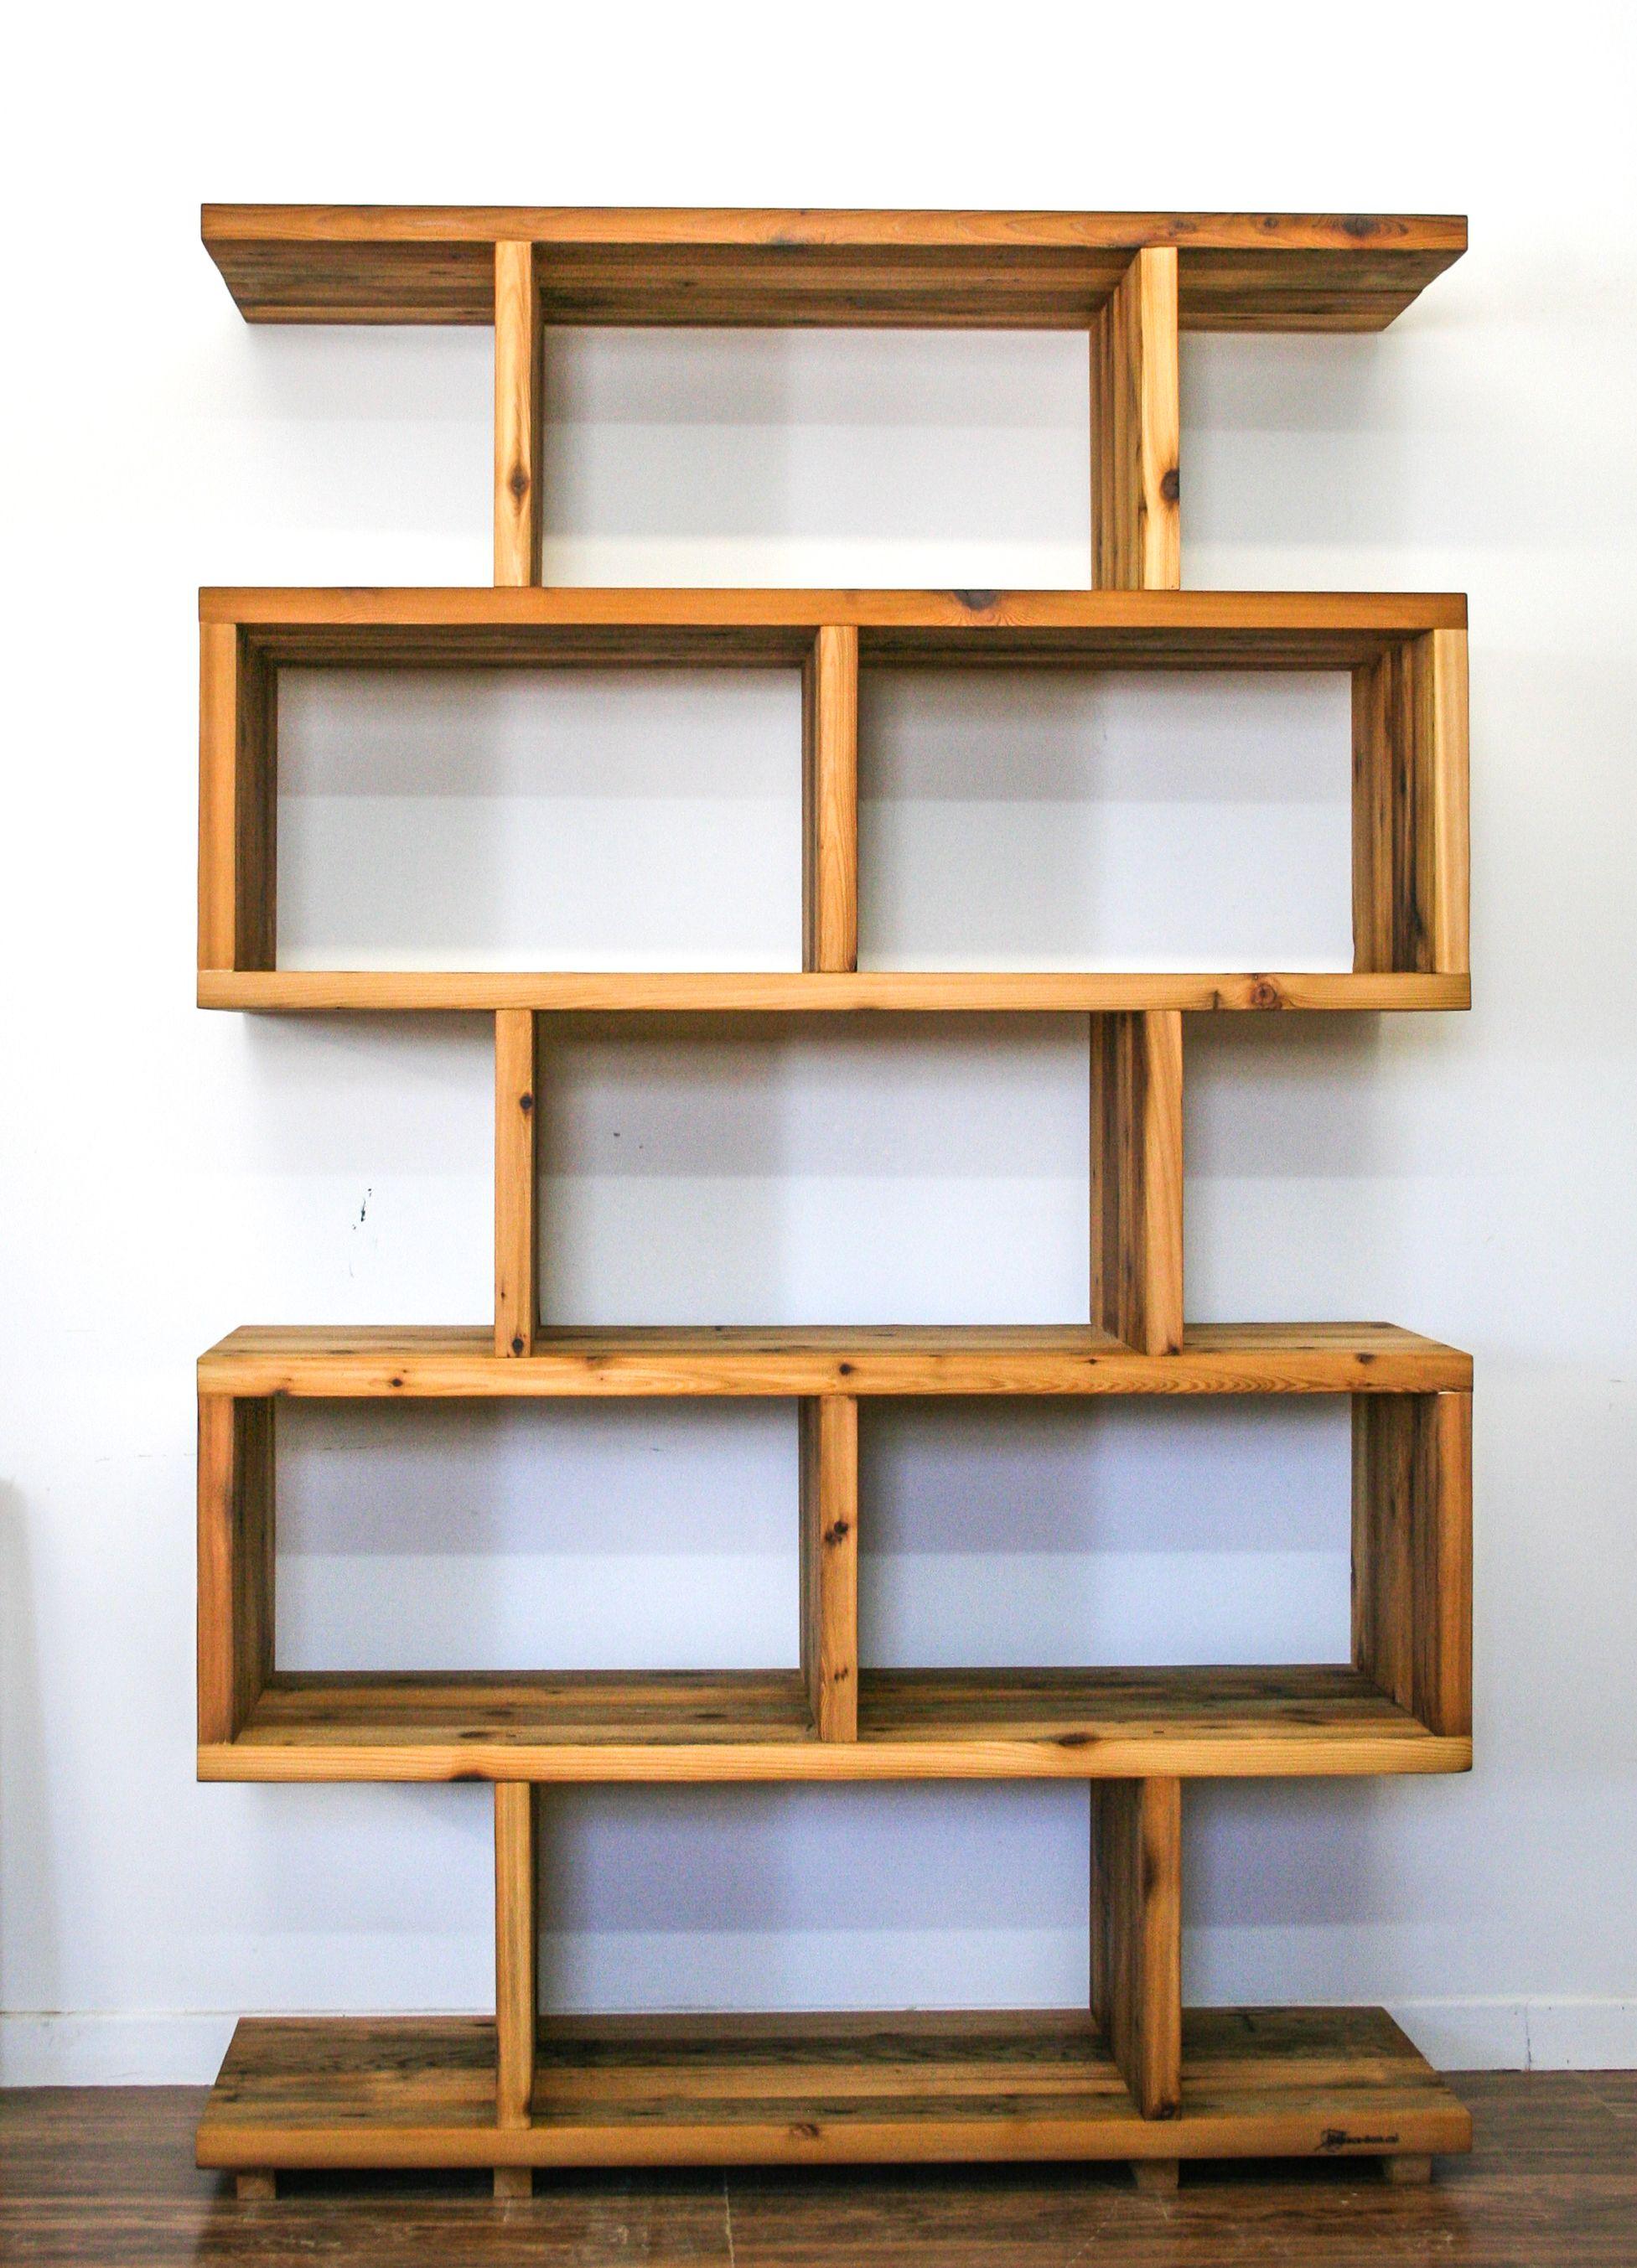 Bibliotheque Caisson En Bois De Grange Decor Home Decor Diy Furniture